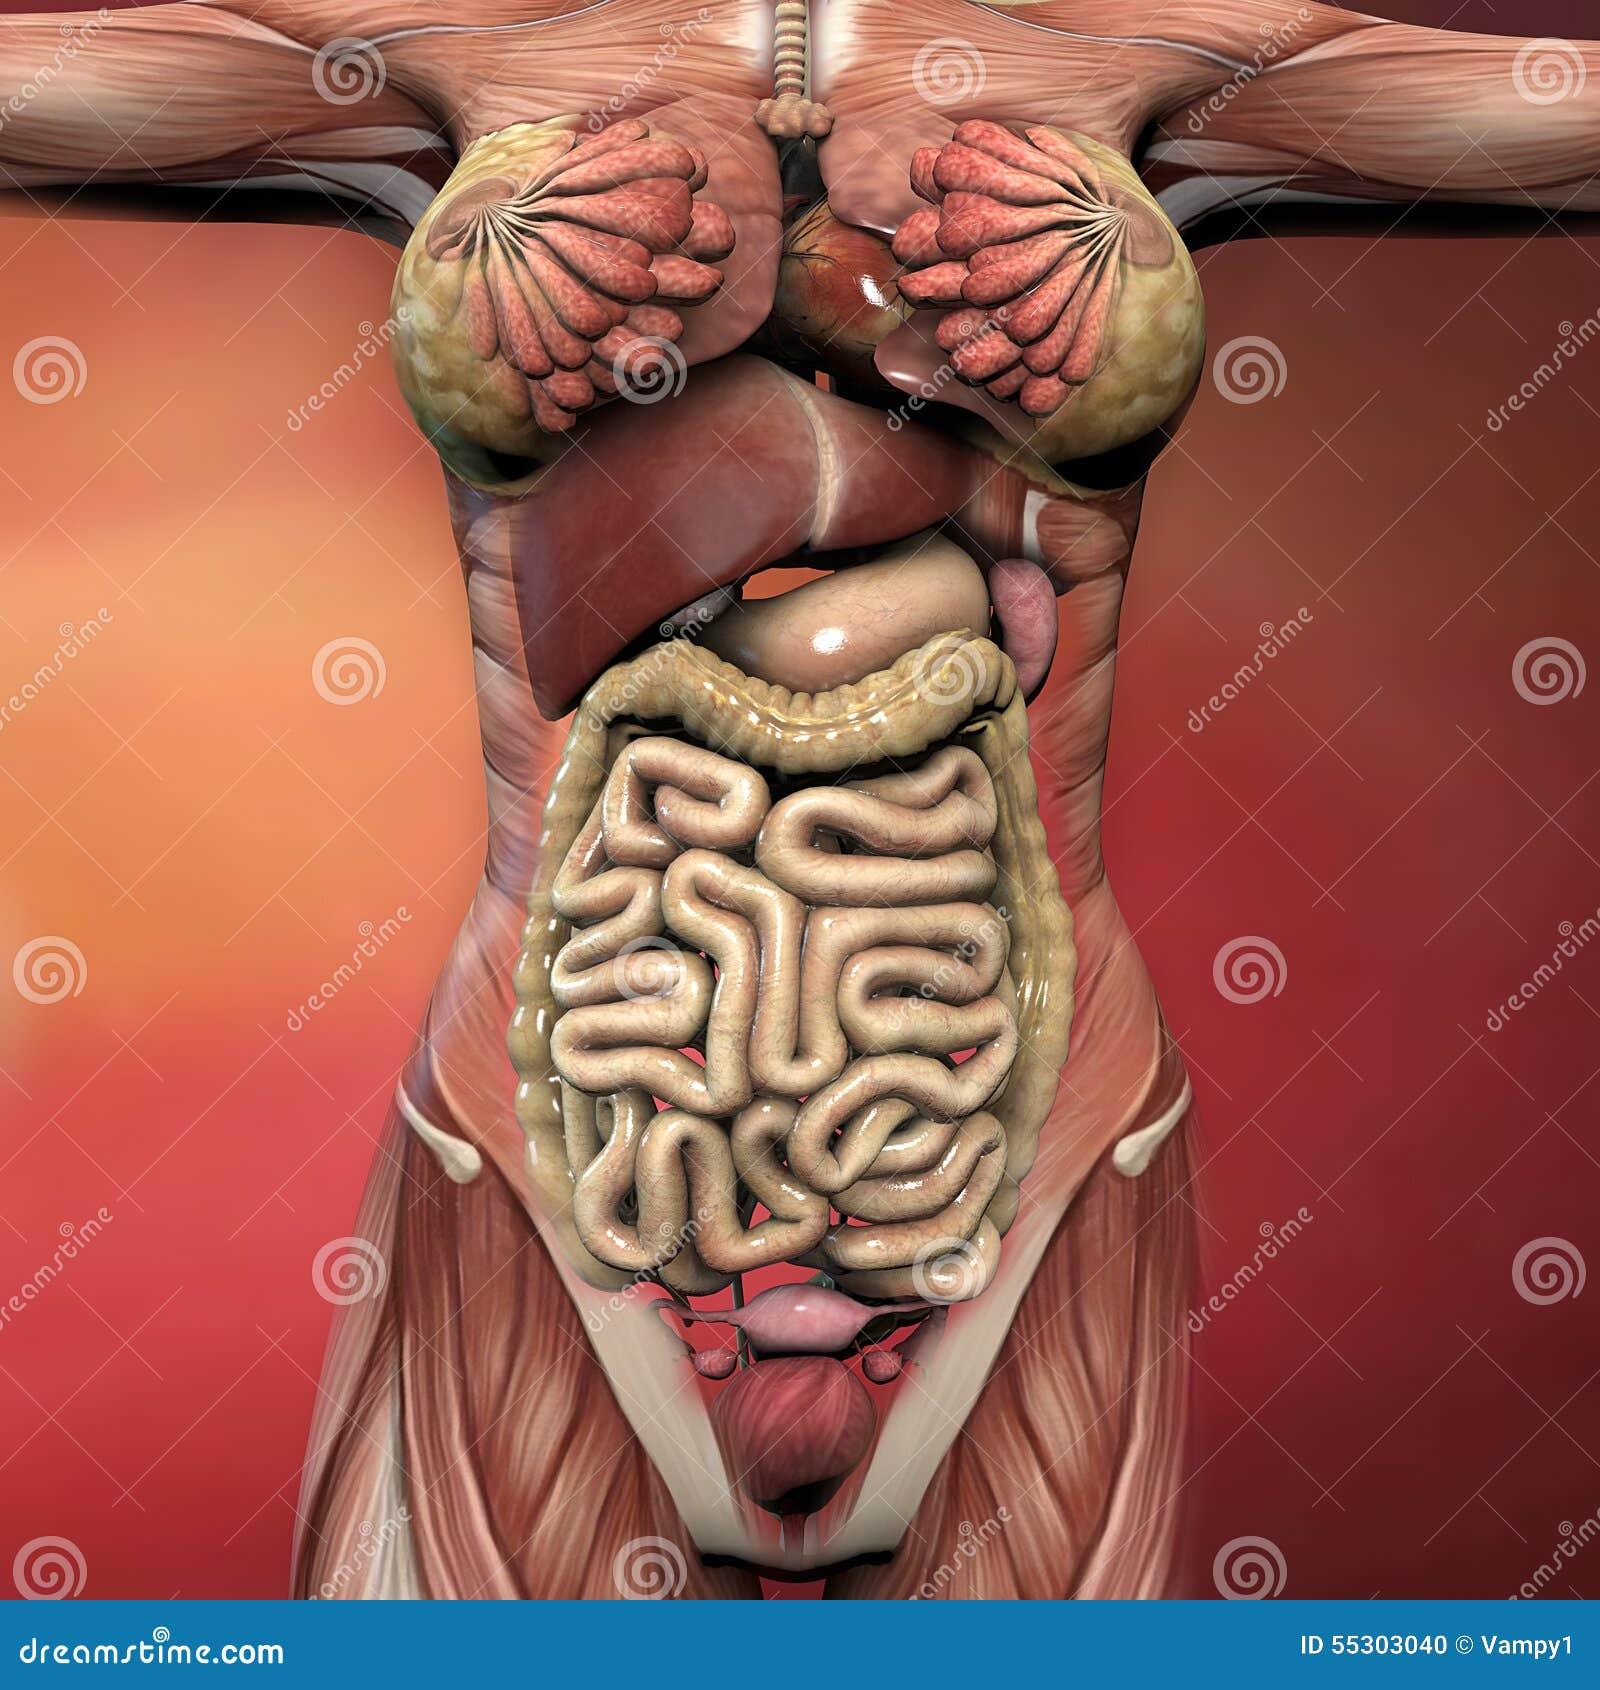 Increíble órganos Anatomía Del Cuerpo Femenino Patrón - Imágenes de ...